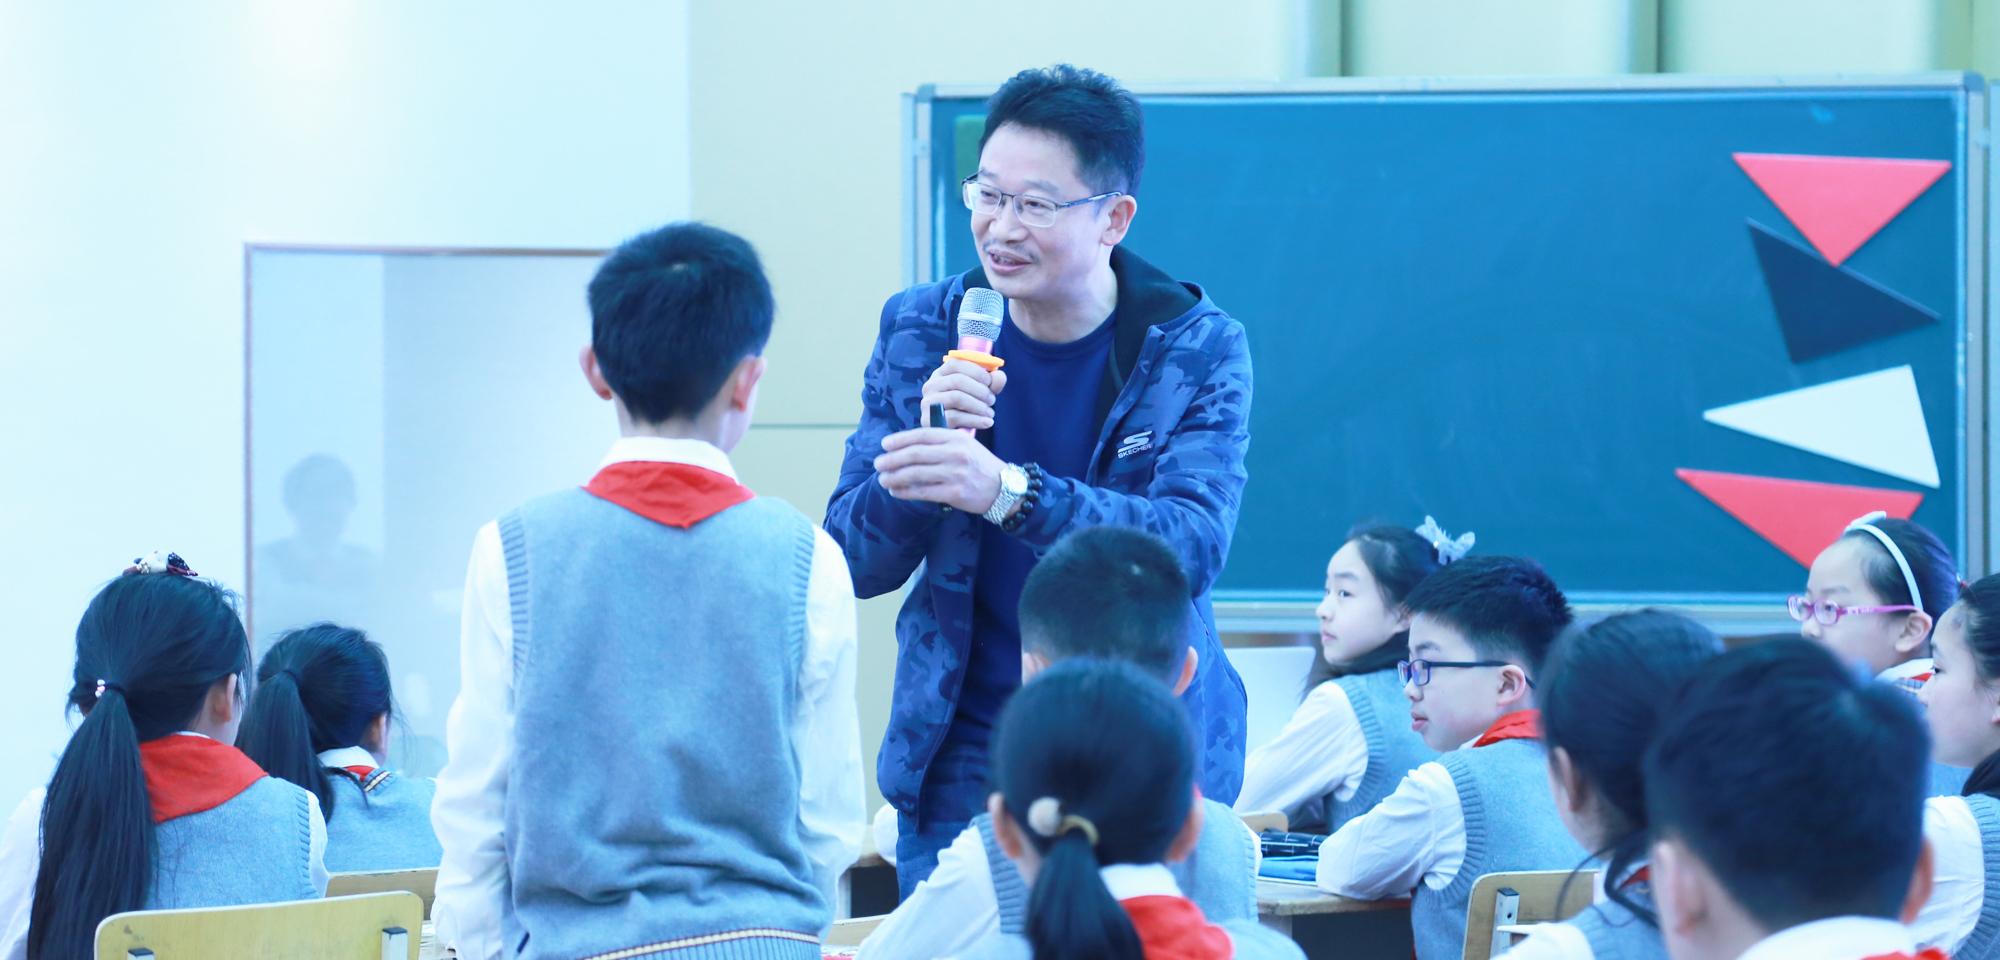 2节观摩课结束后,与会教师开怀畅谈,各抒己见,进行了精彩纷呈的现场交流活动。与教师们重点研讨了教学设计的解读、课堂互动研讨,进而提出了个人教学主张。教育即生活,生活中处处皆有可利用的教学资源,运用教育智慧在有限的课堂空间内挖掘出更多的教学资源,是每位专业型教师终身学习的课题。联盟副理事长著名英语教学专家田湘军的精彩课堂受到一致欢迎